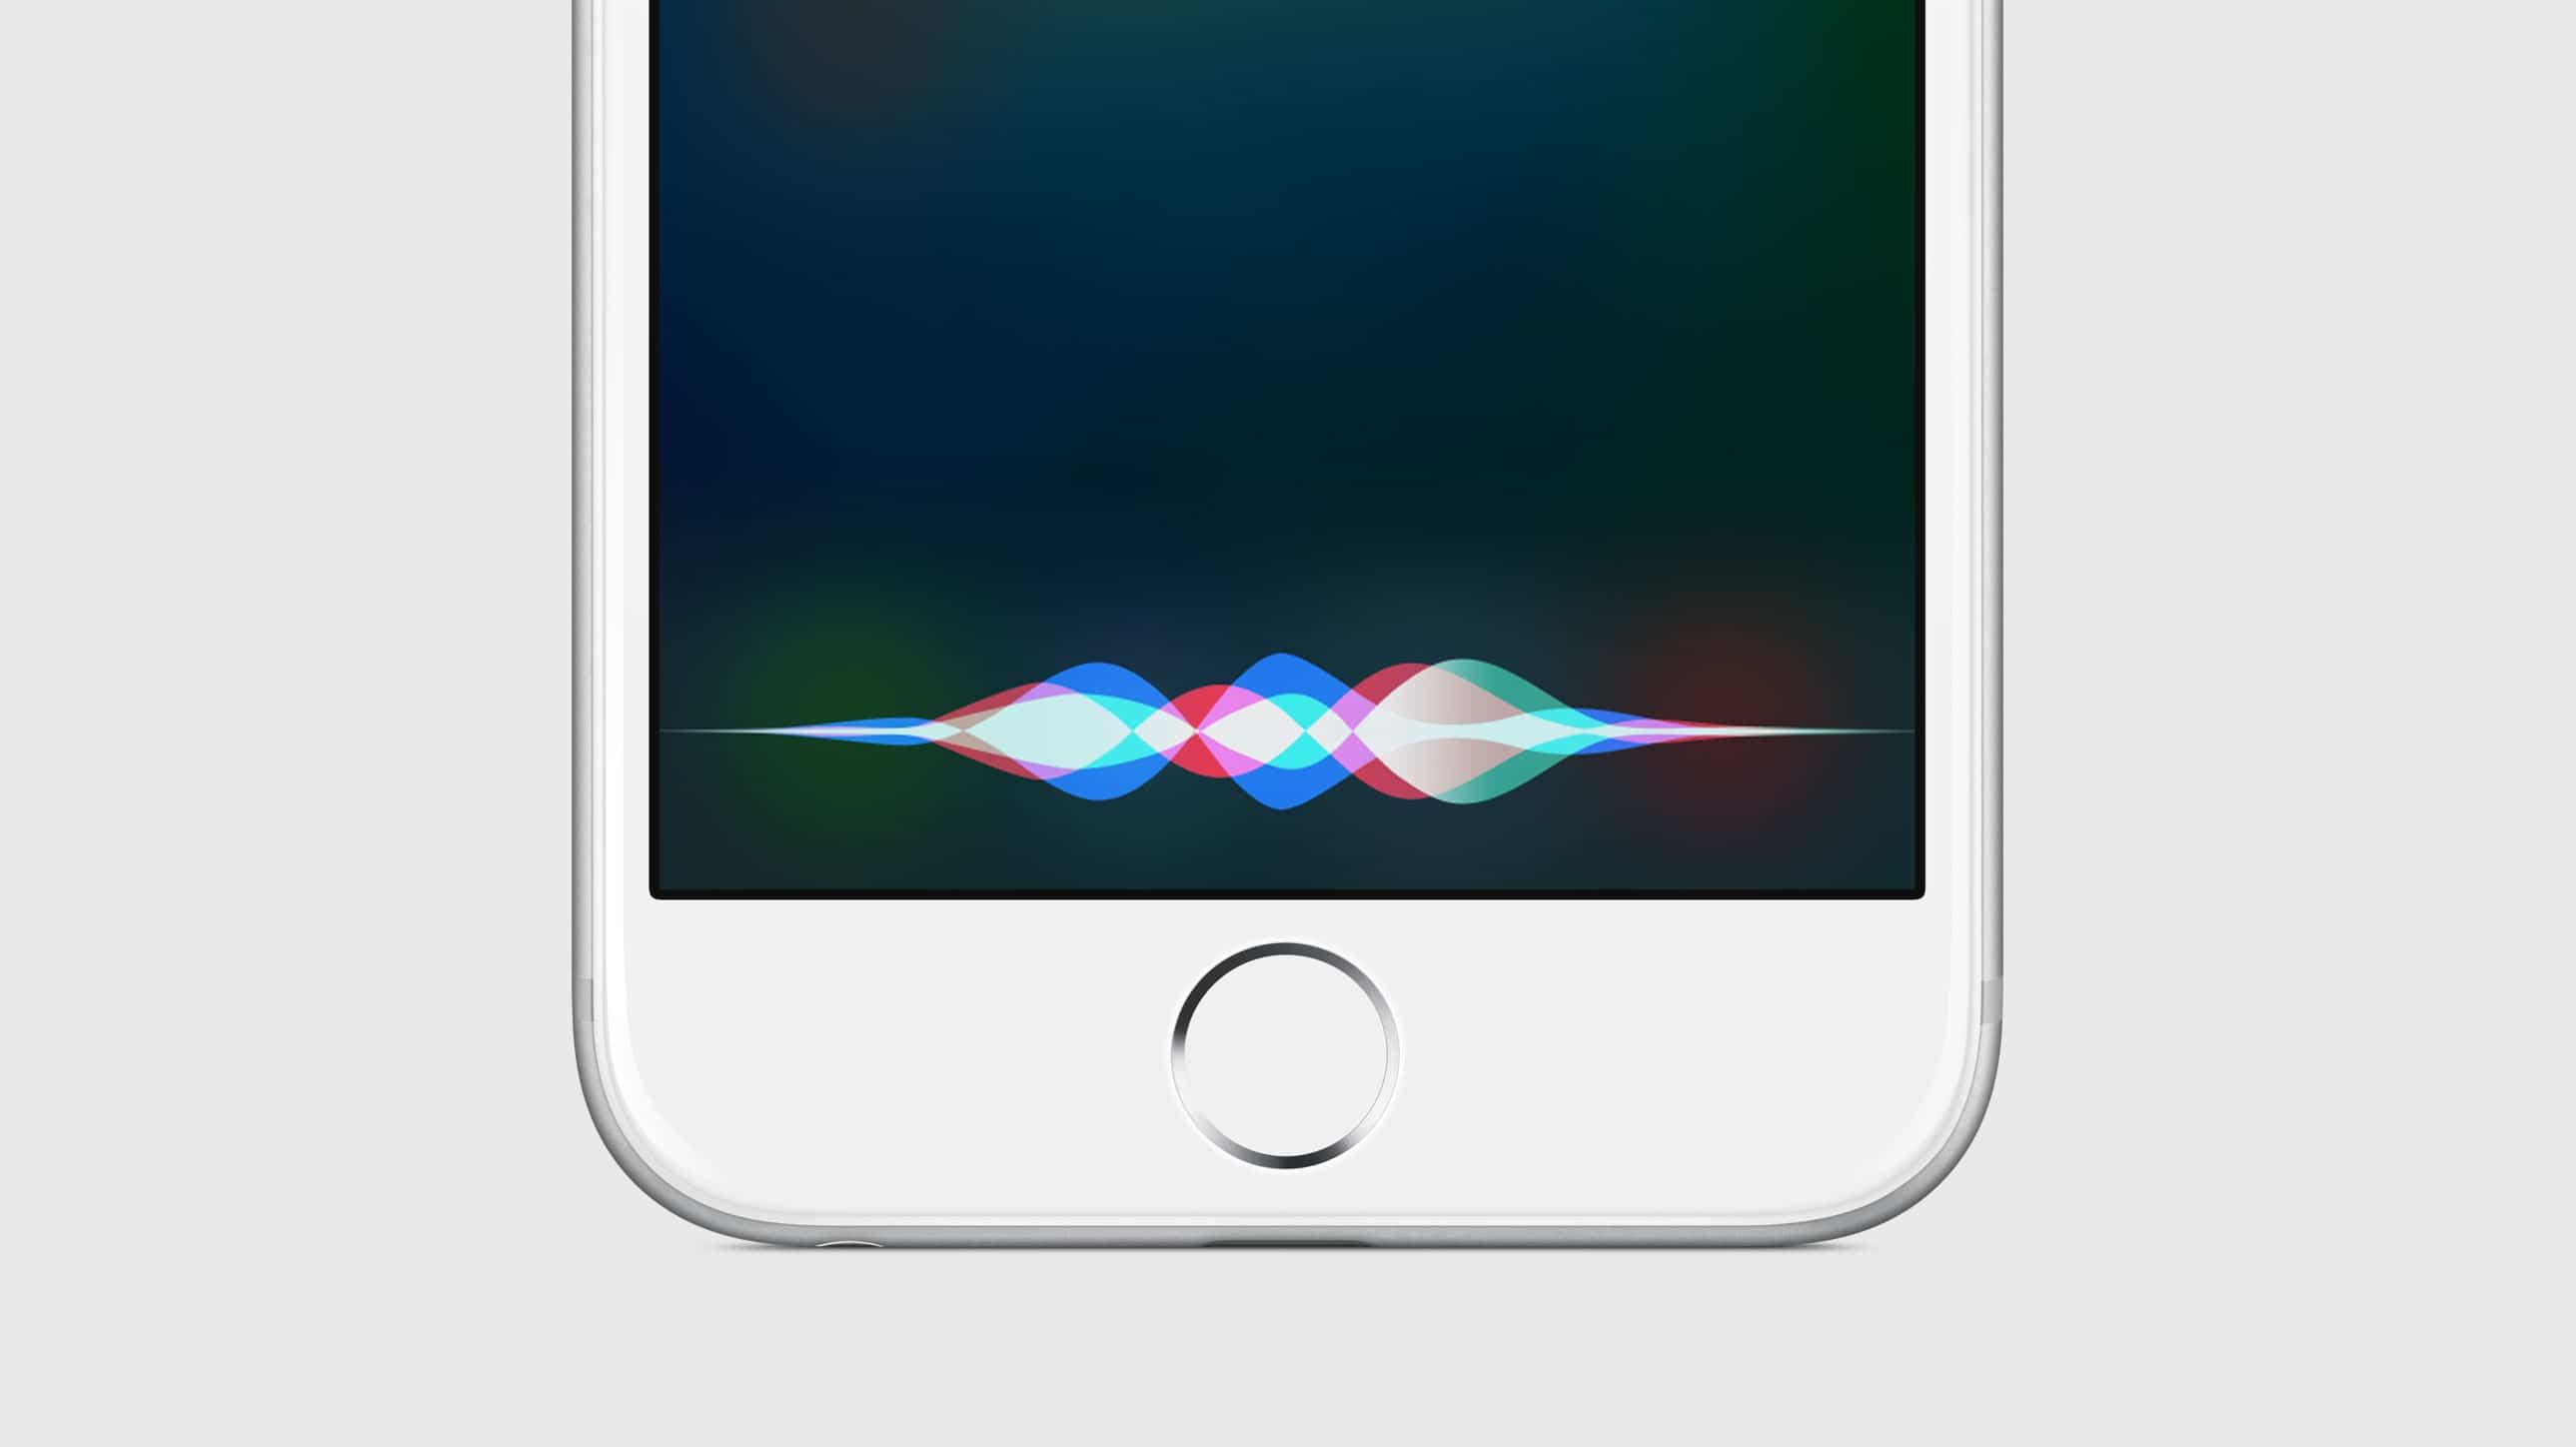 Reirte con Siri